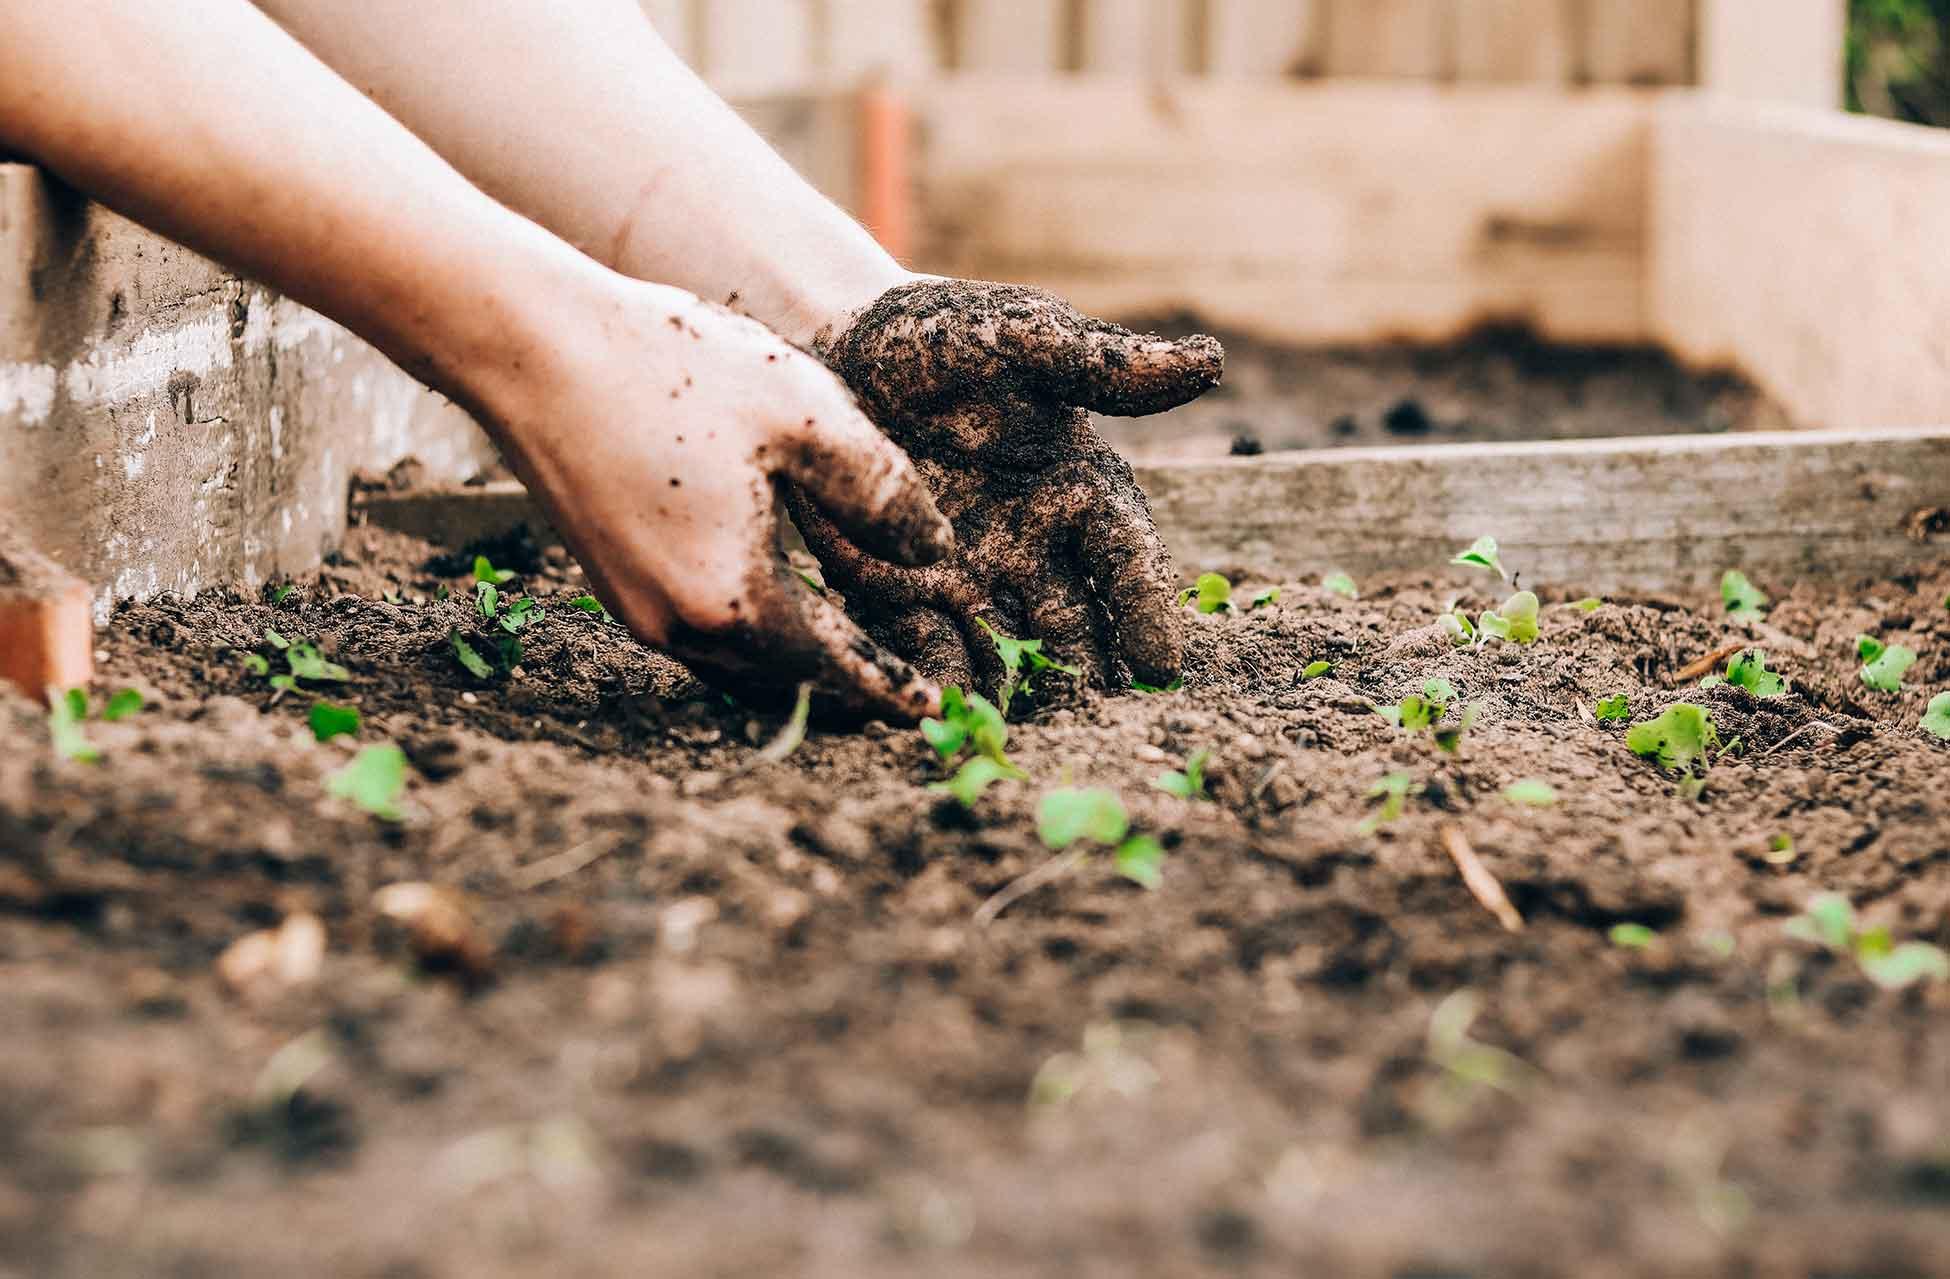 Mit Erde bedeckte Hände pflanzen einen Setzling in ein Hochbeet